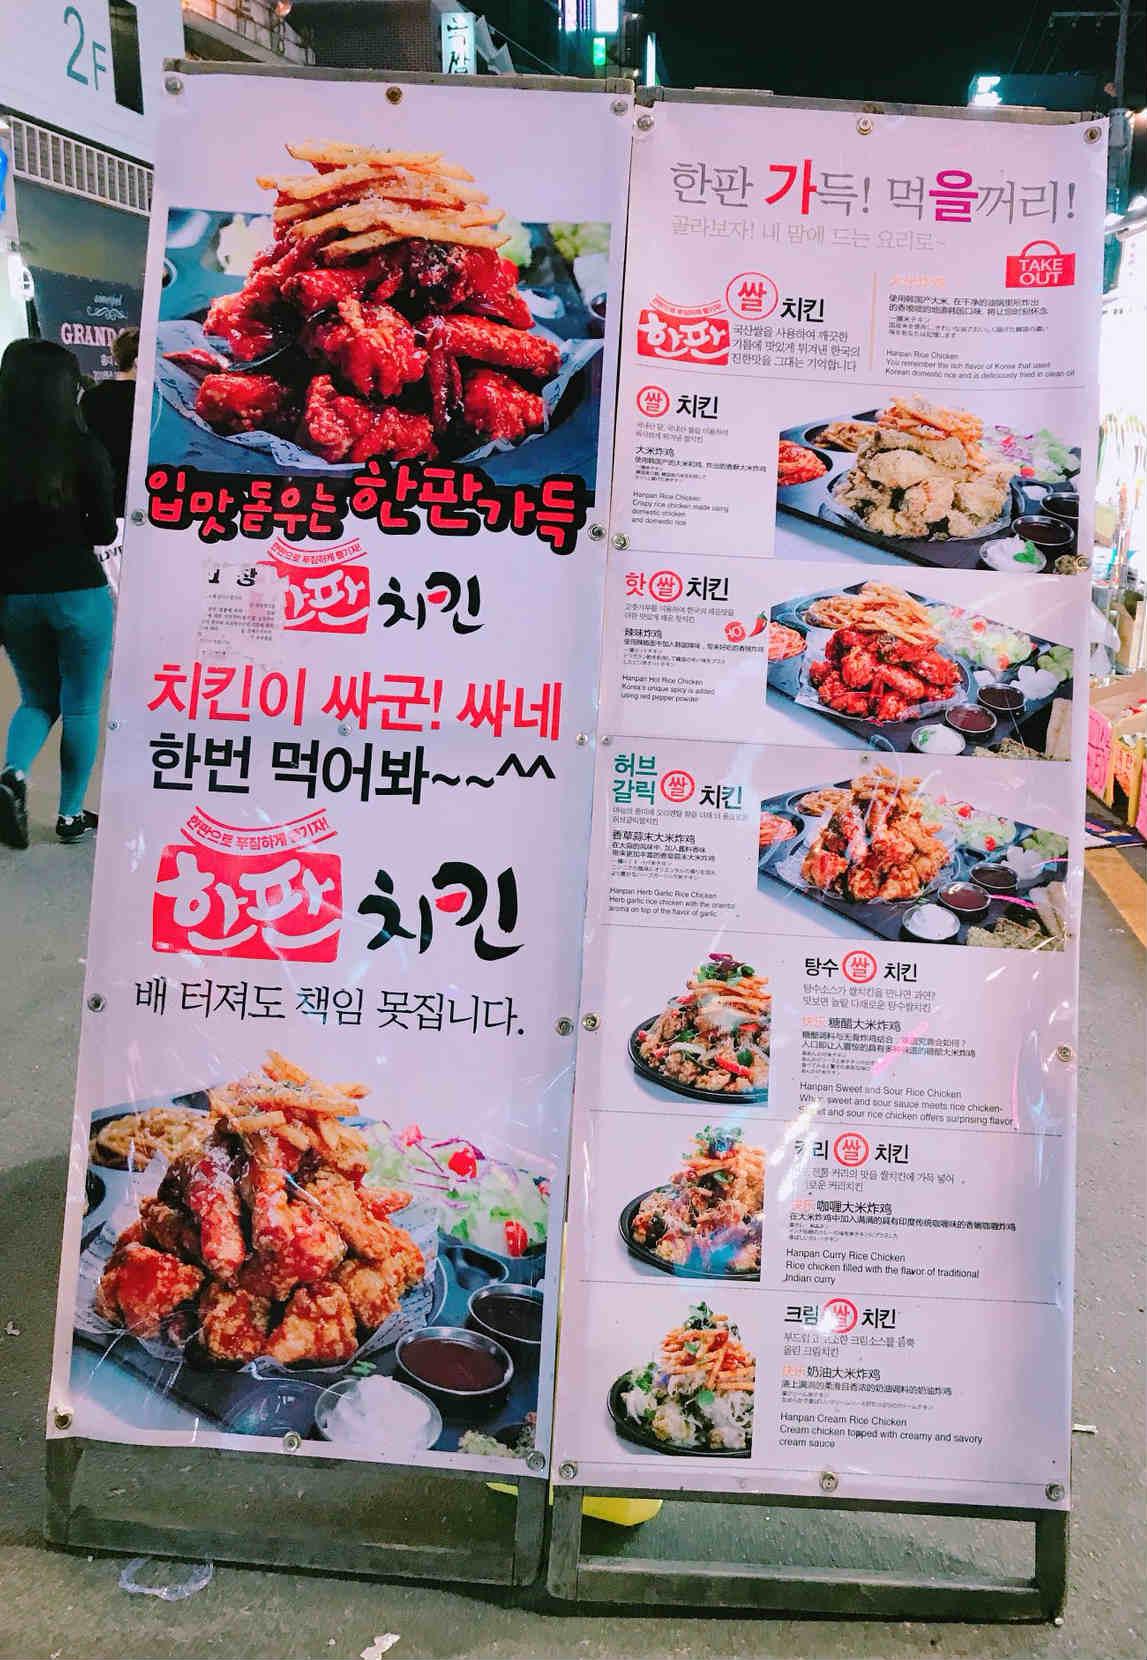 這家店的位置非常好找,前往弘大停車場街的路上,絕對會看到一個非常顯眼的招牌,這就是「一盤炸雞」啦。